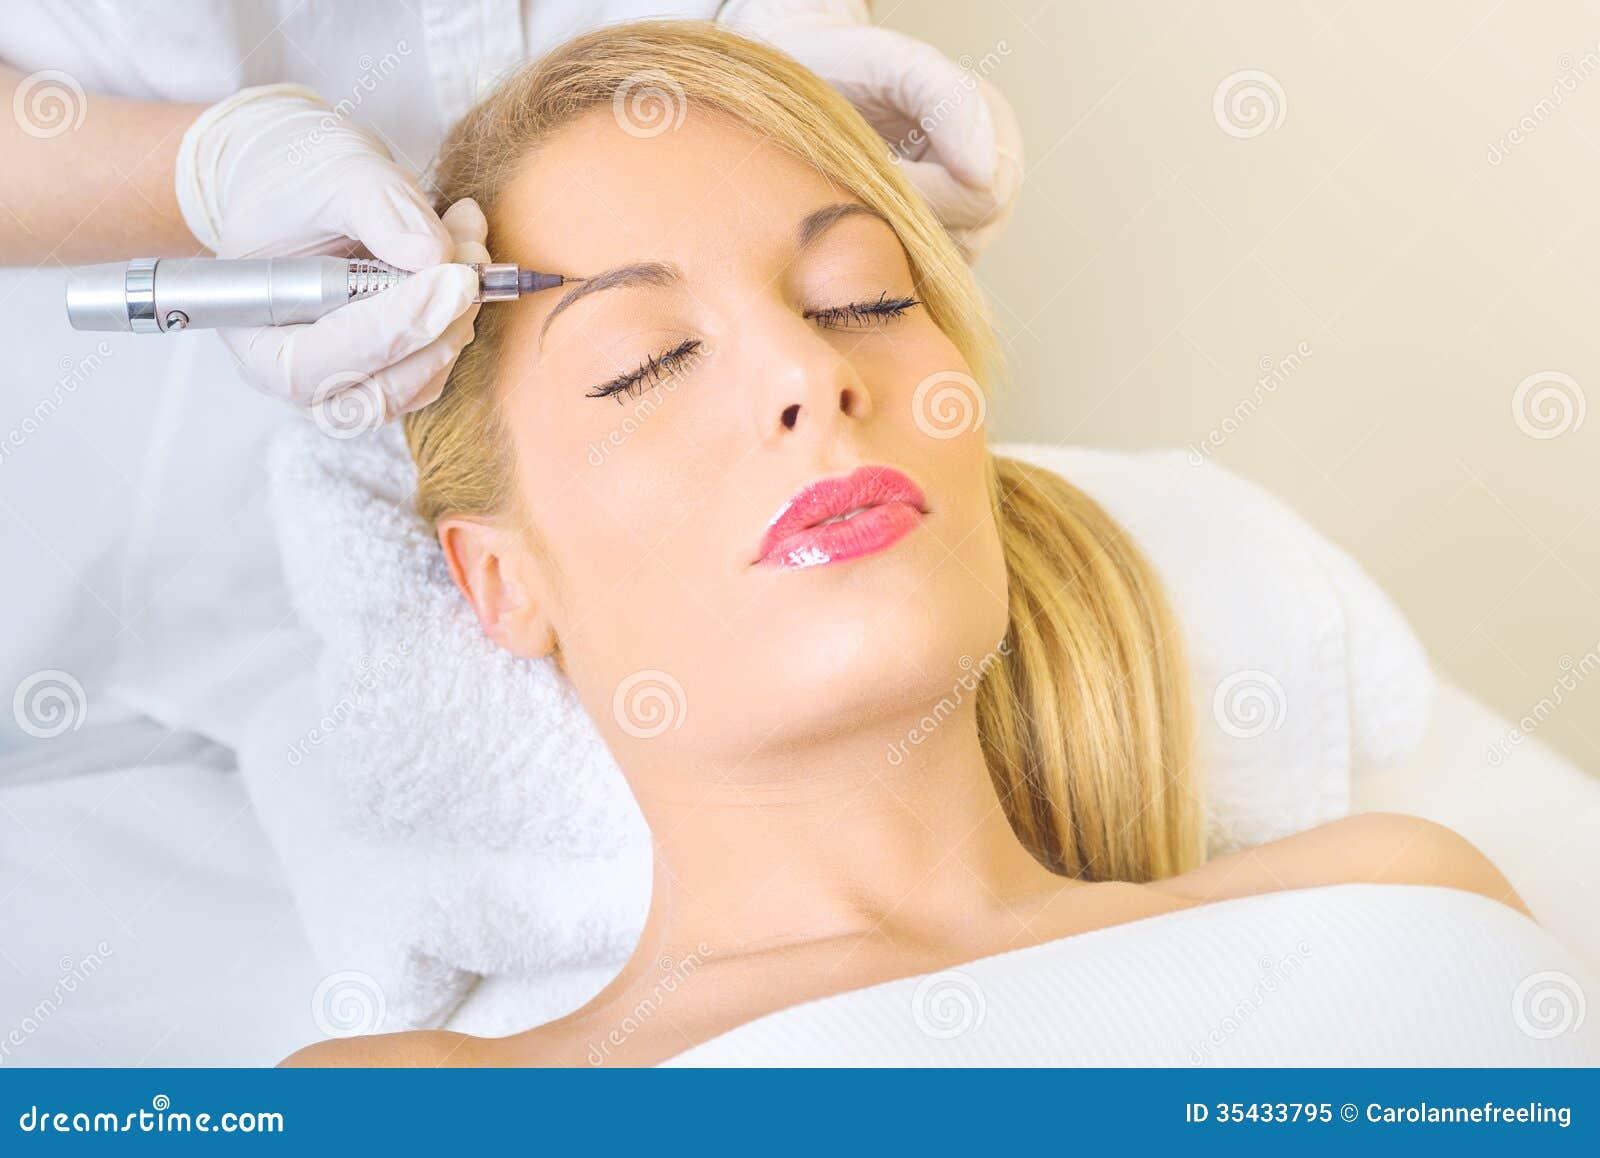 Trucco permanente sulle sopracciglia